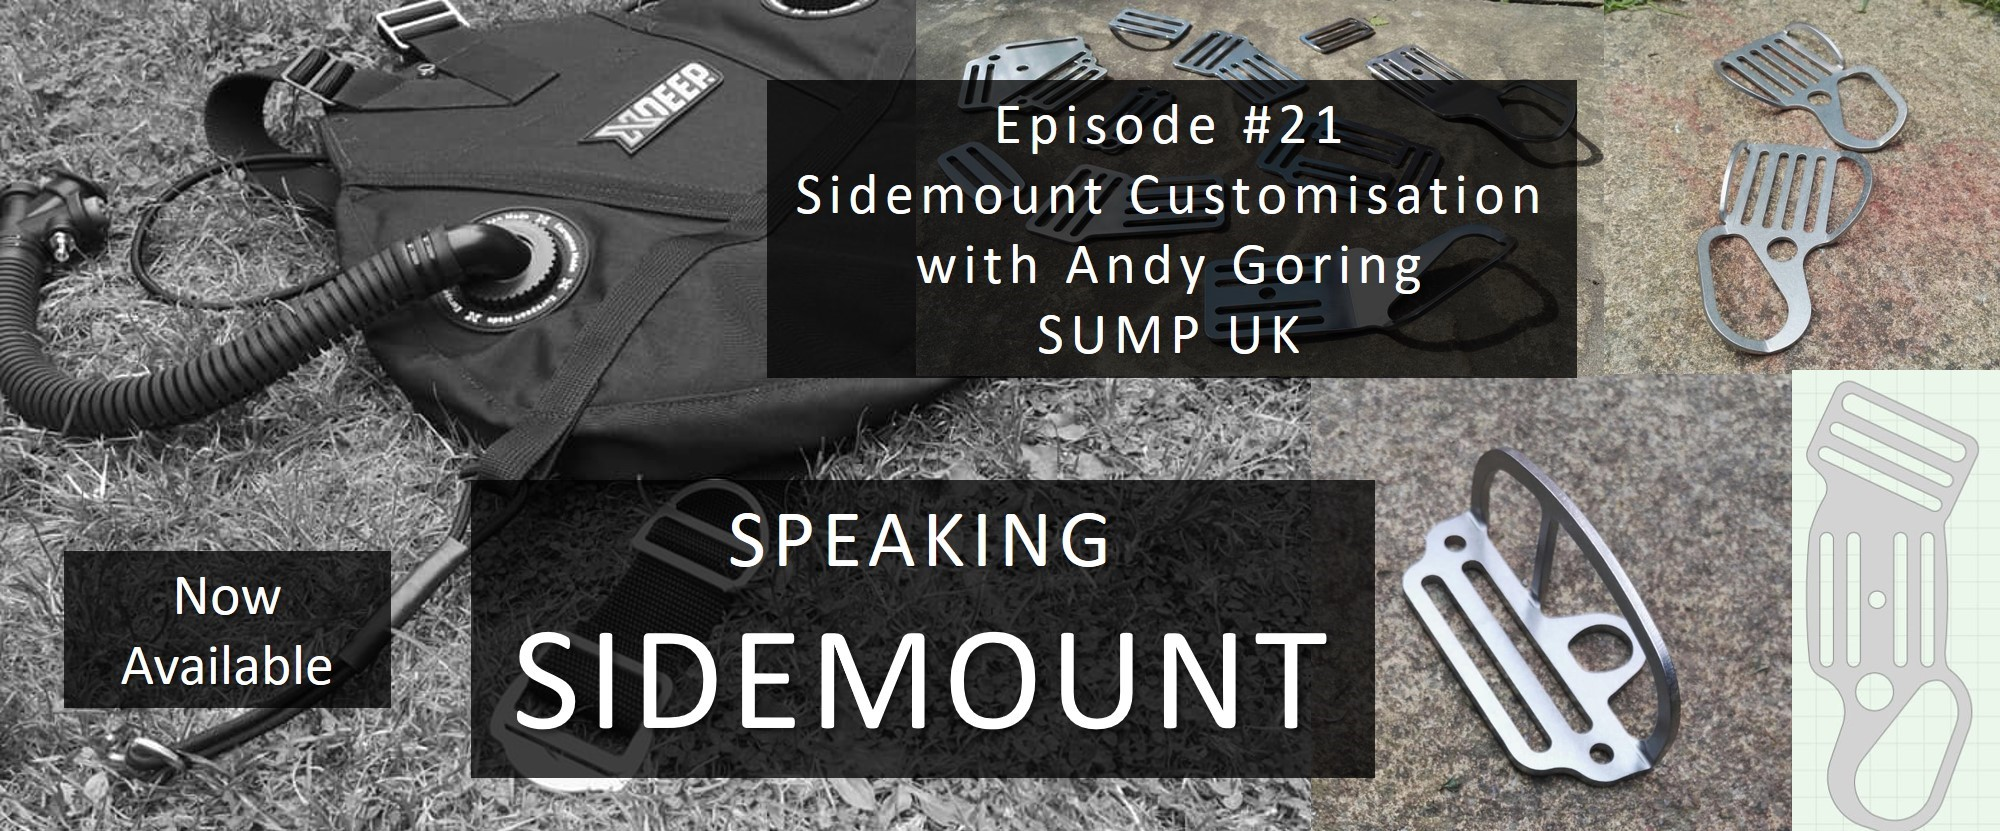 Speaking Sidemount Cover 1920x480 (Ep21).jpg